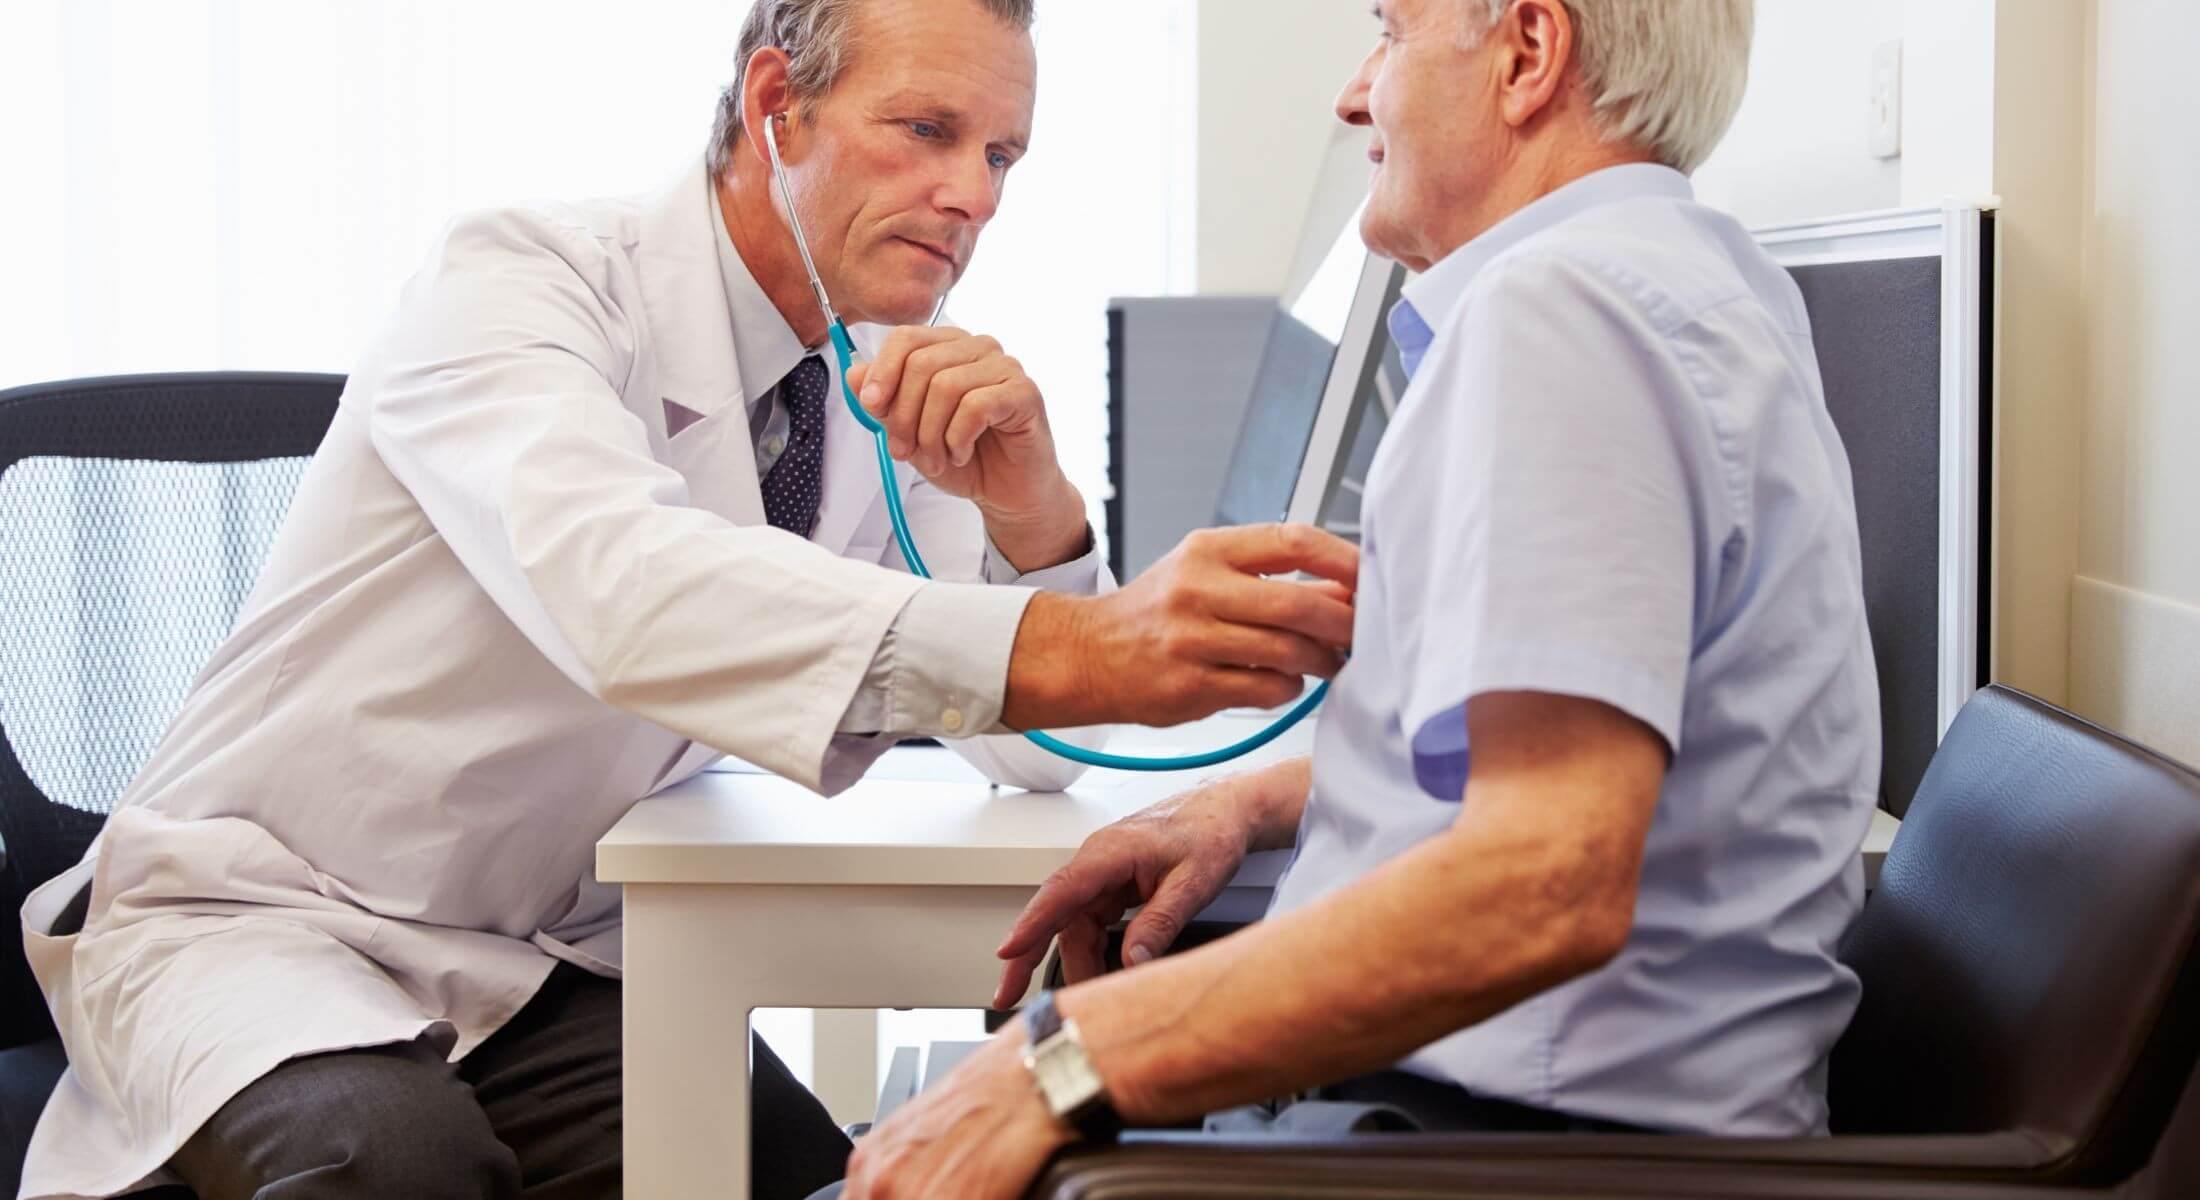 Vissza nem térítendő támogatásból újulhatnak meg a járóbeteg-szakellátók